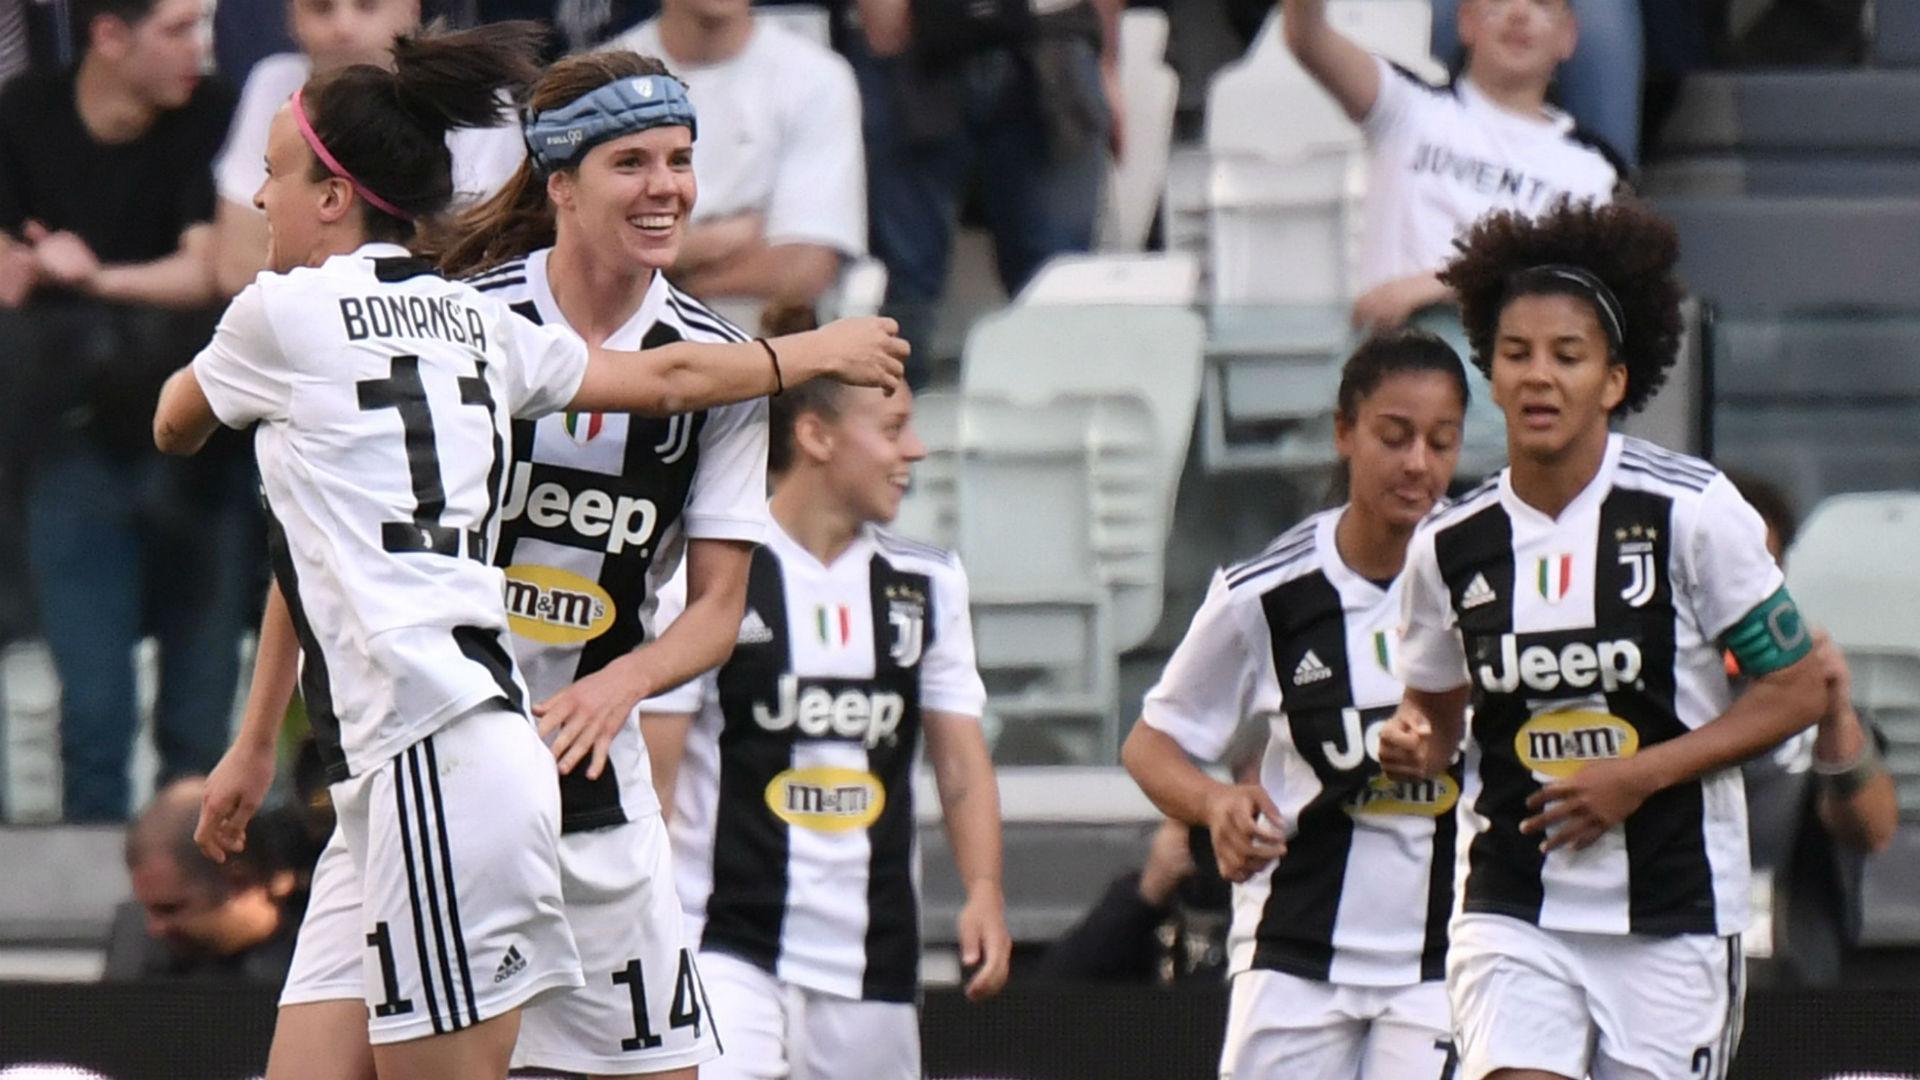 Calcio femminile: la Juventus prenota lo Scudetto